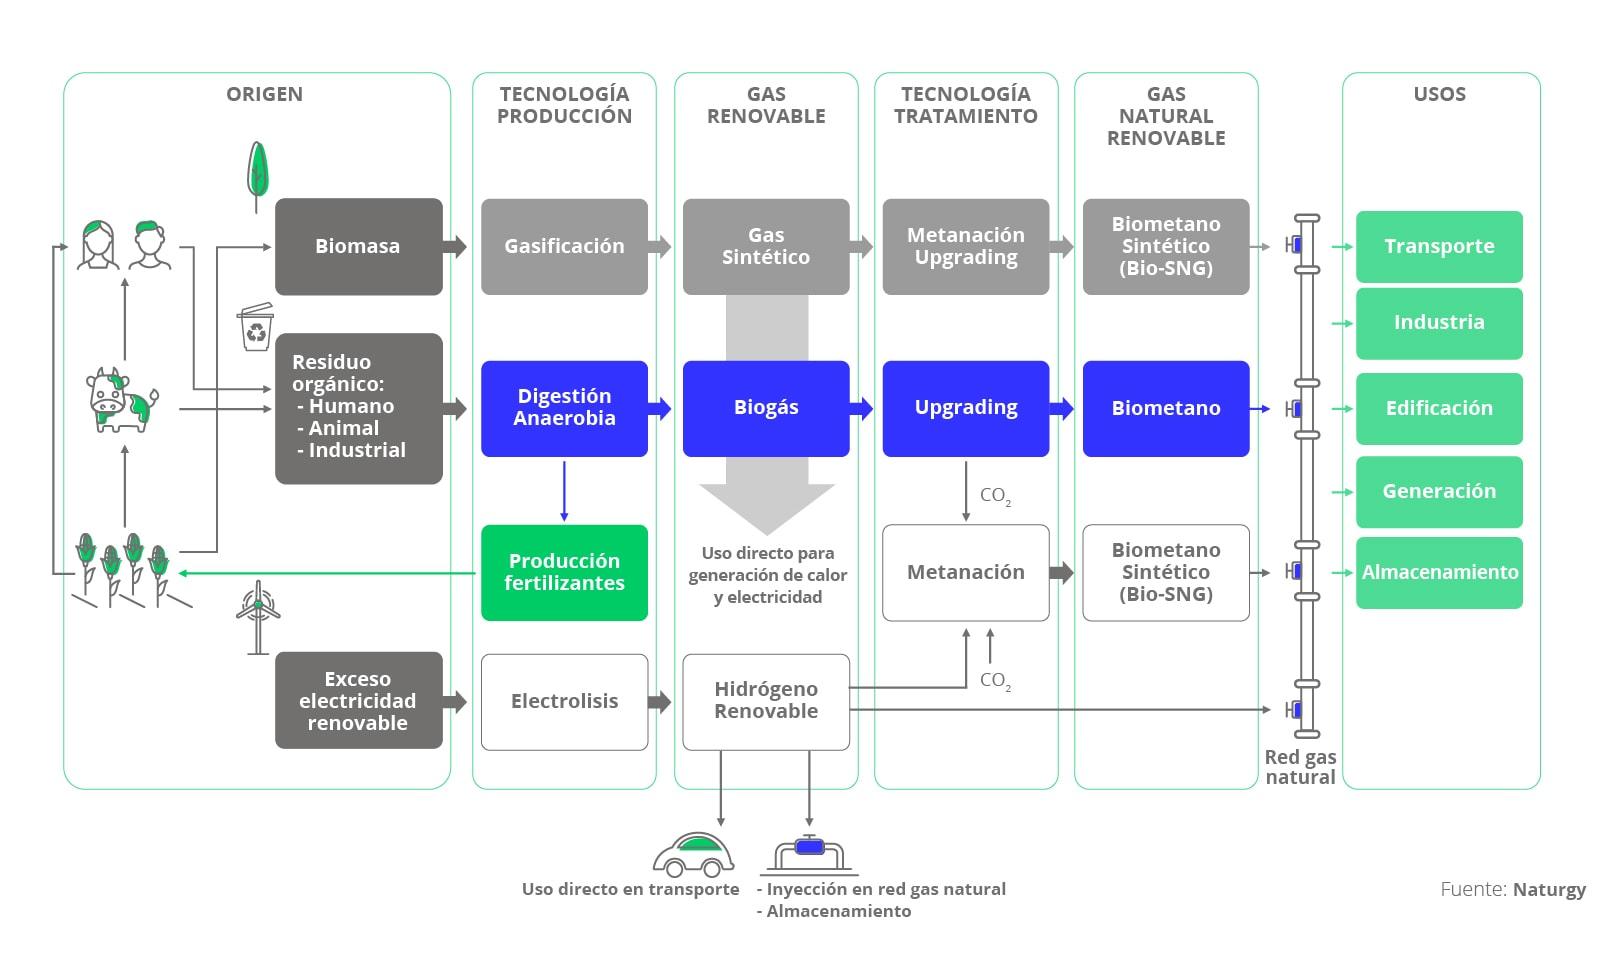 El ciclo del gas renovable